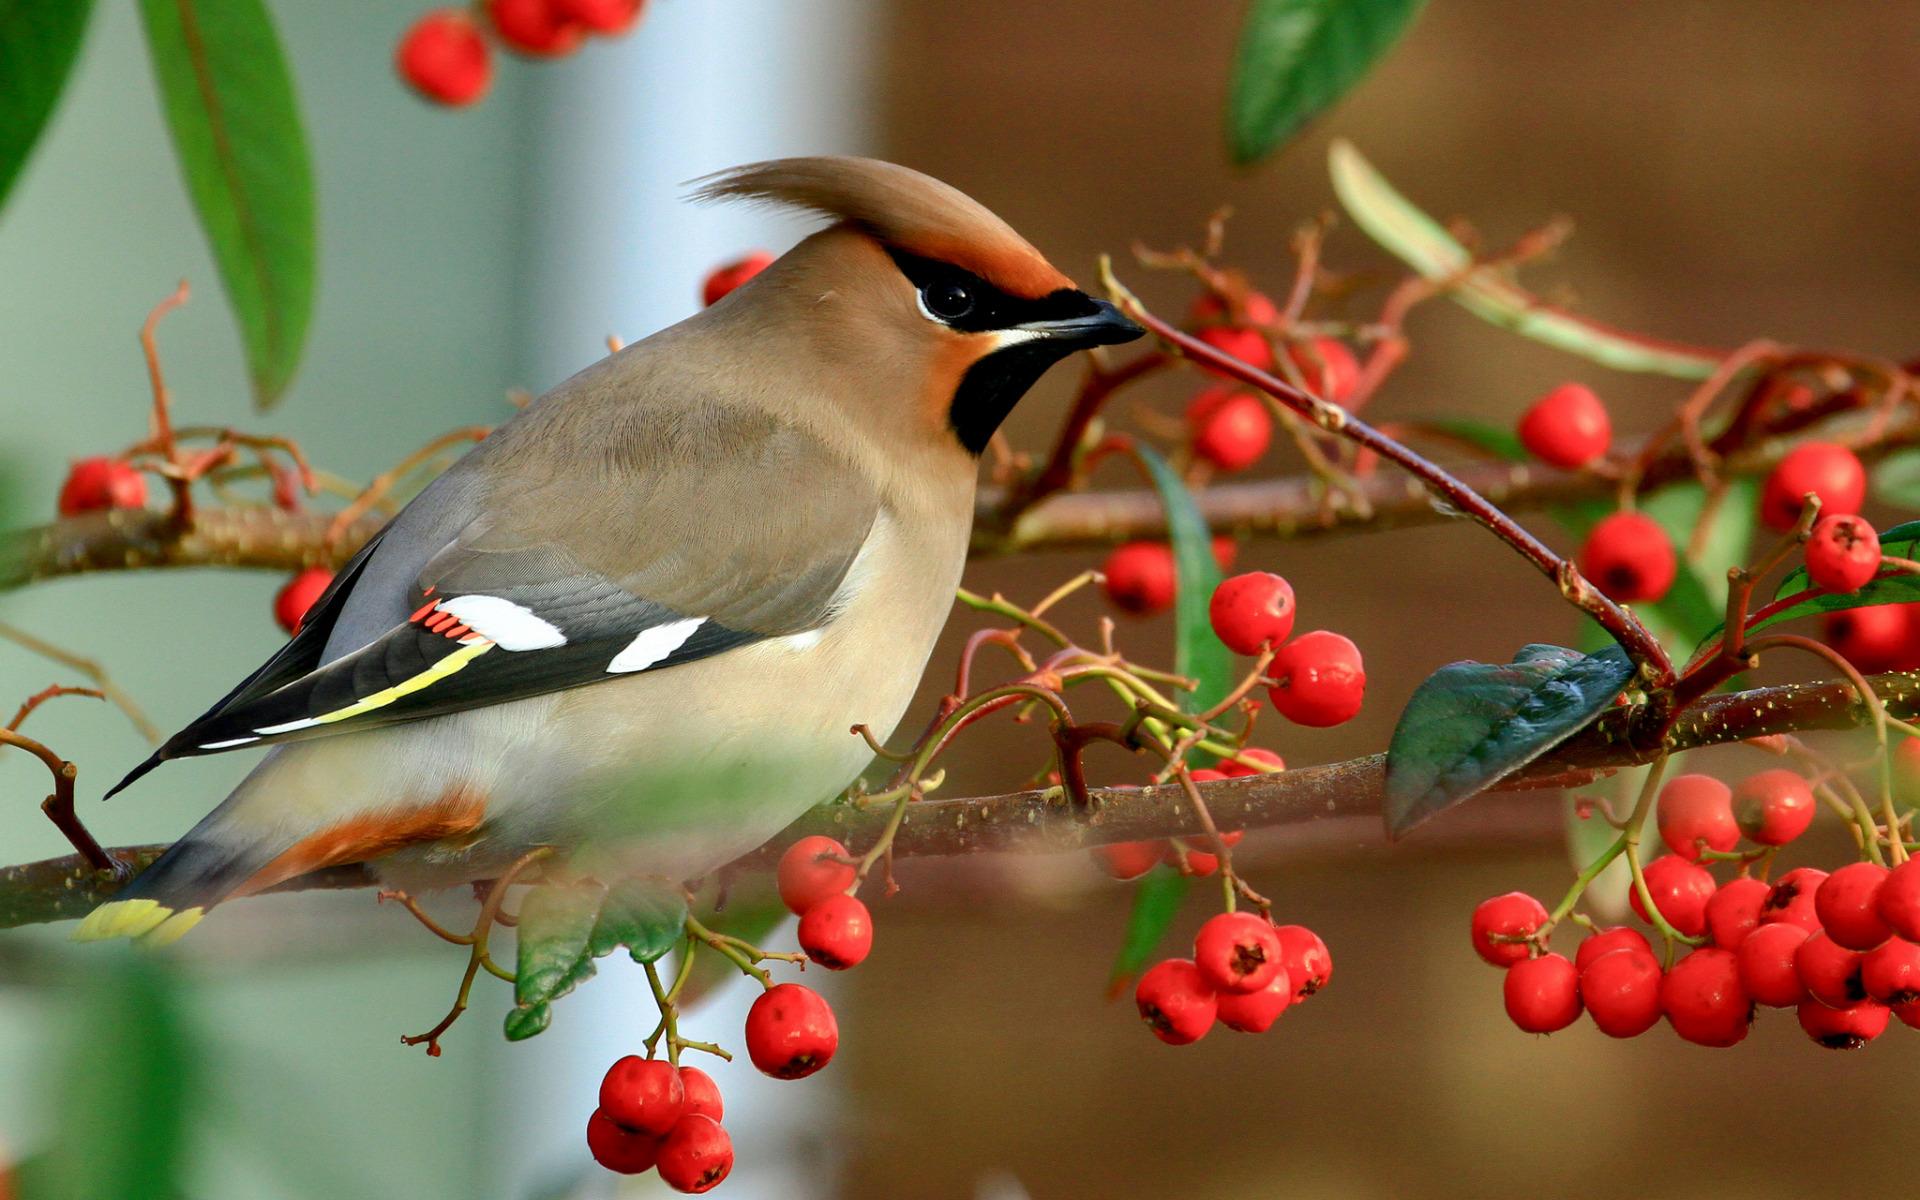 Две птички на стебле кукурузы  № 1532753 загрузить